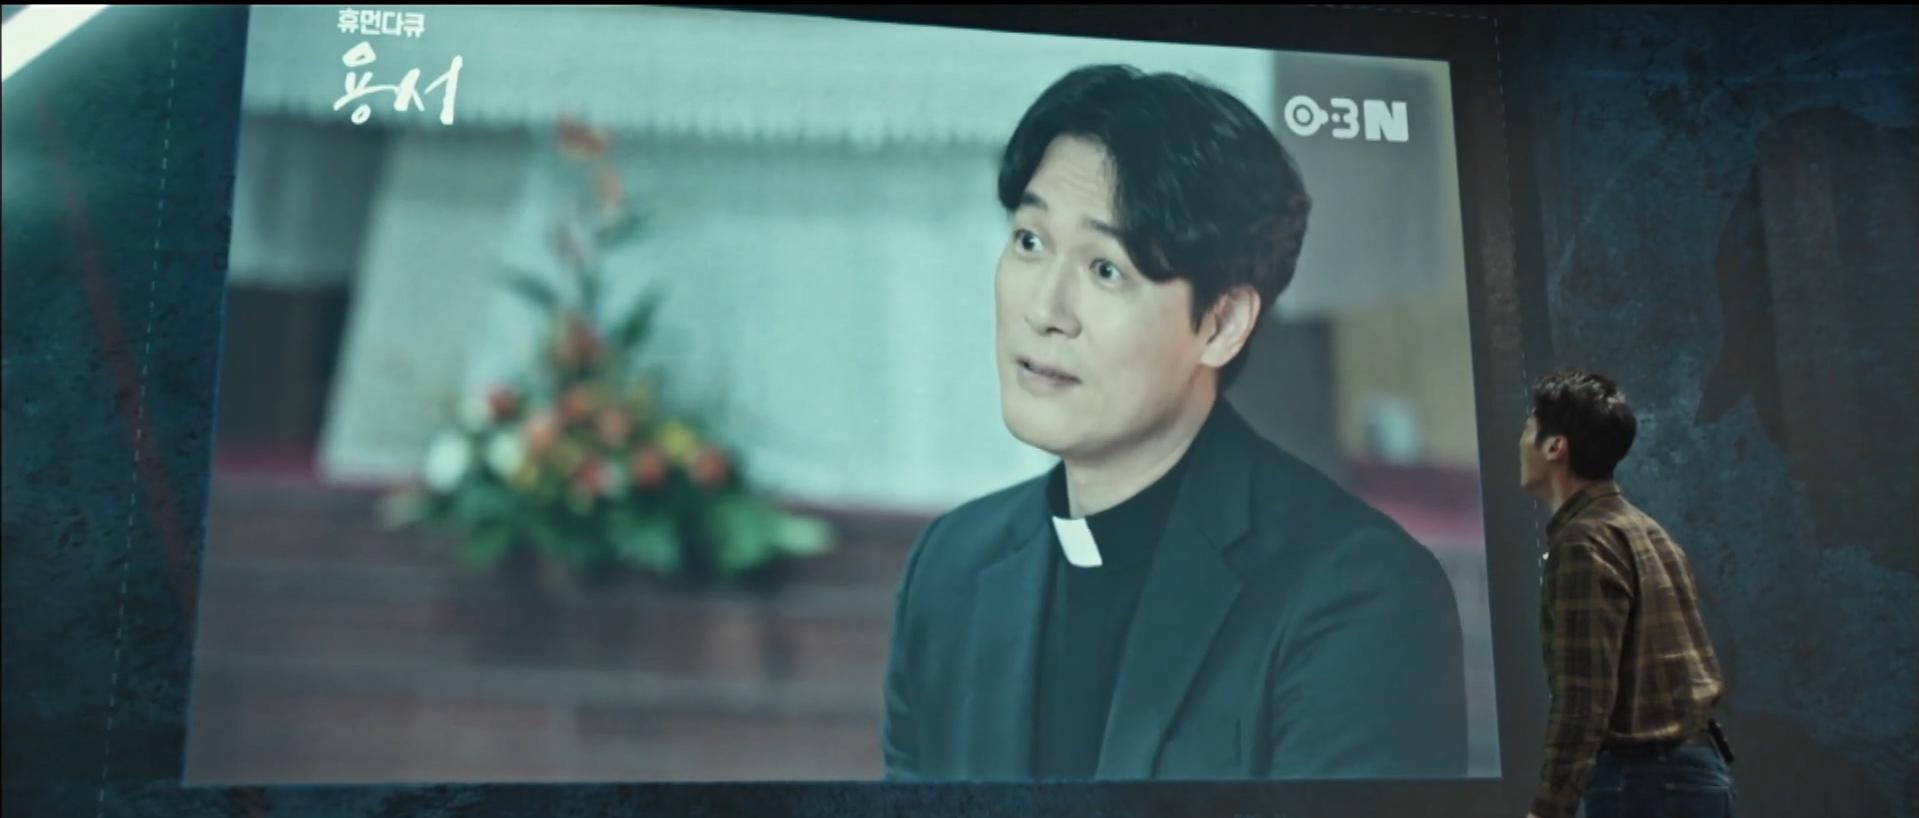 韩剧《窥探》:不论神父被害的视频是直播或录播,80都不是凶手